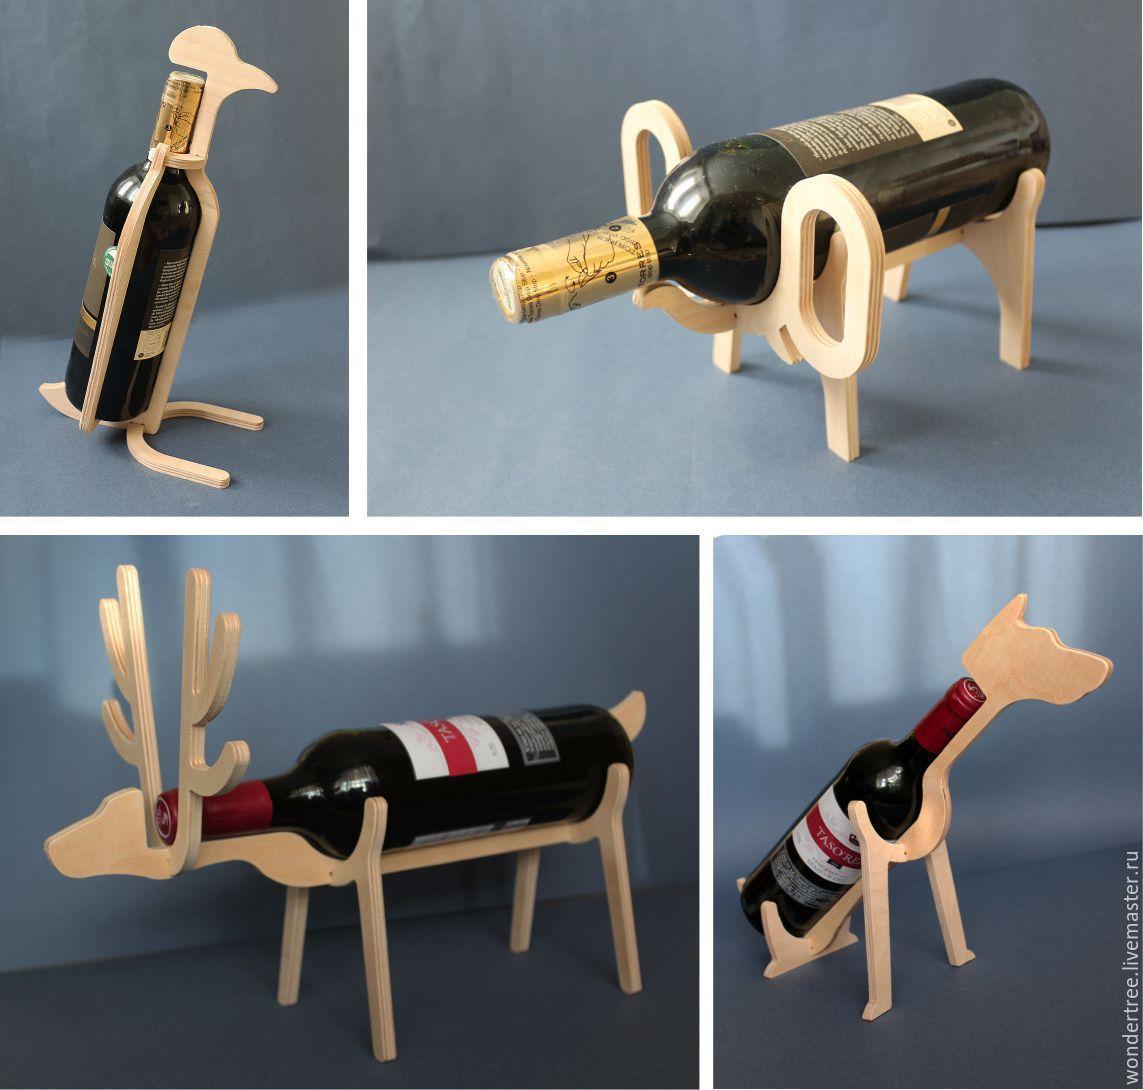 Подставка для бутылки стилизованная в виде животного, Подарки для мужчин, Челябинск, Фото №1